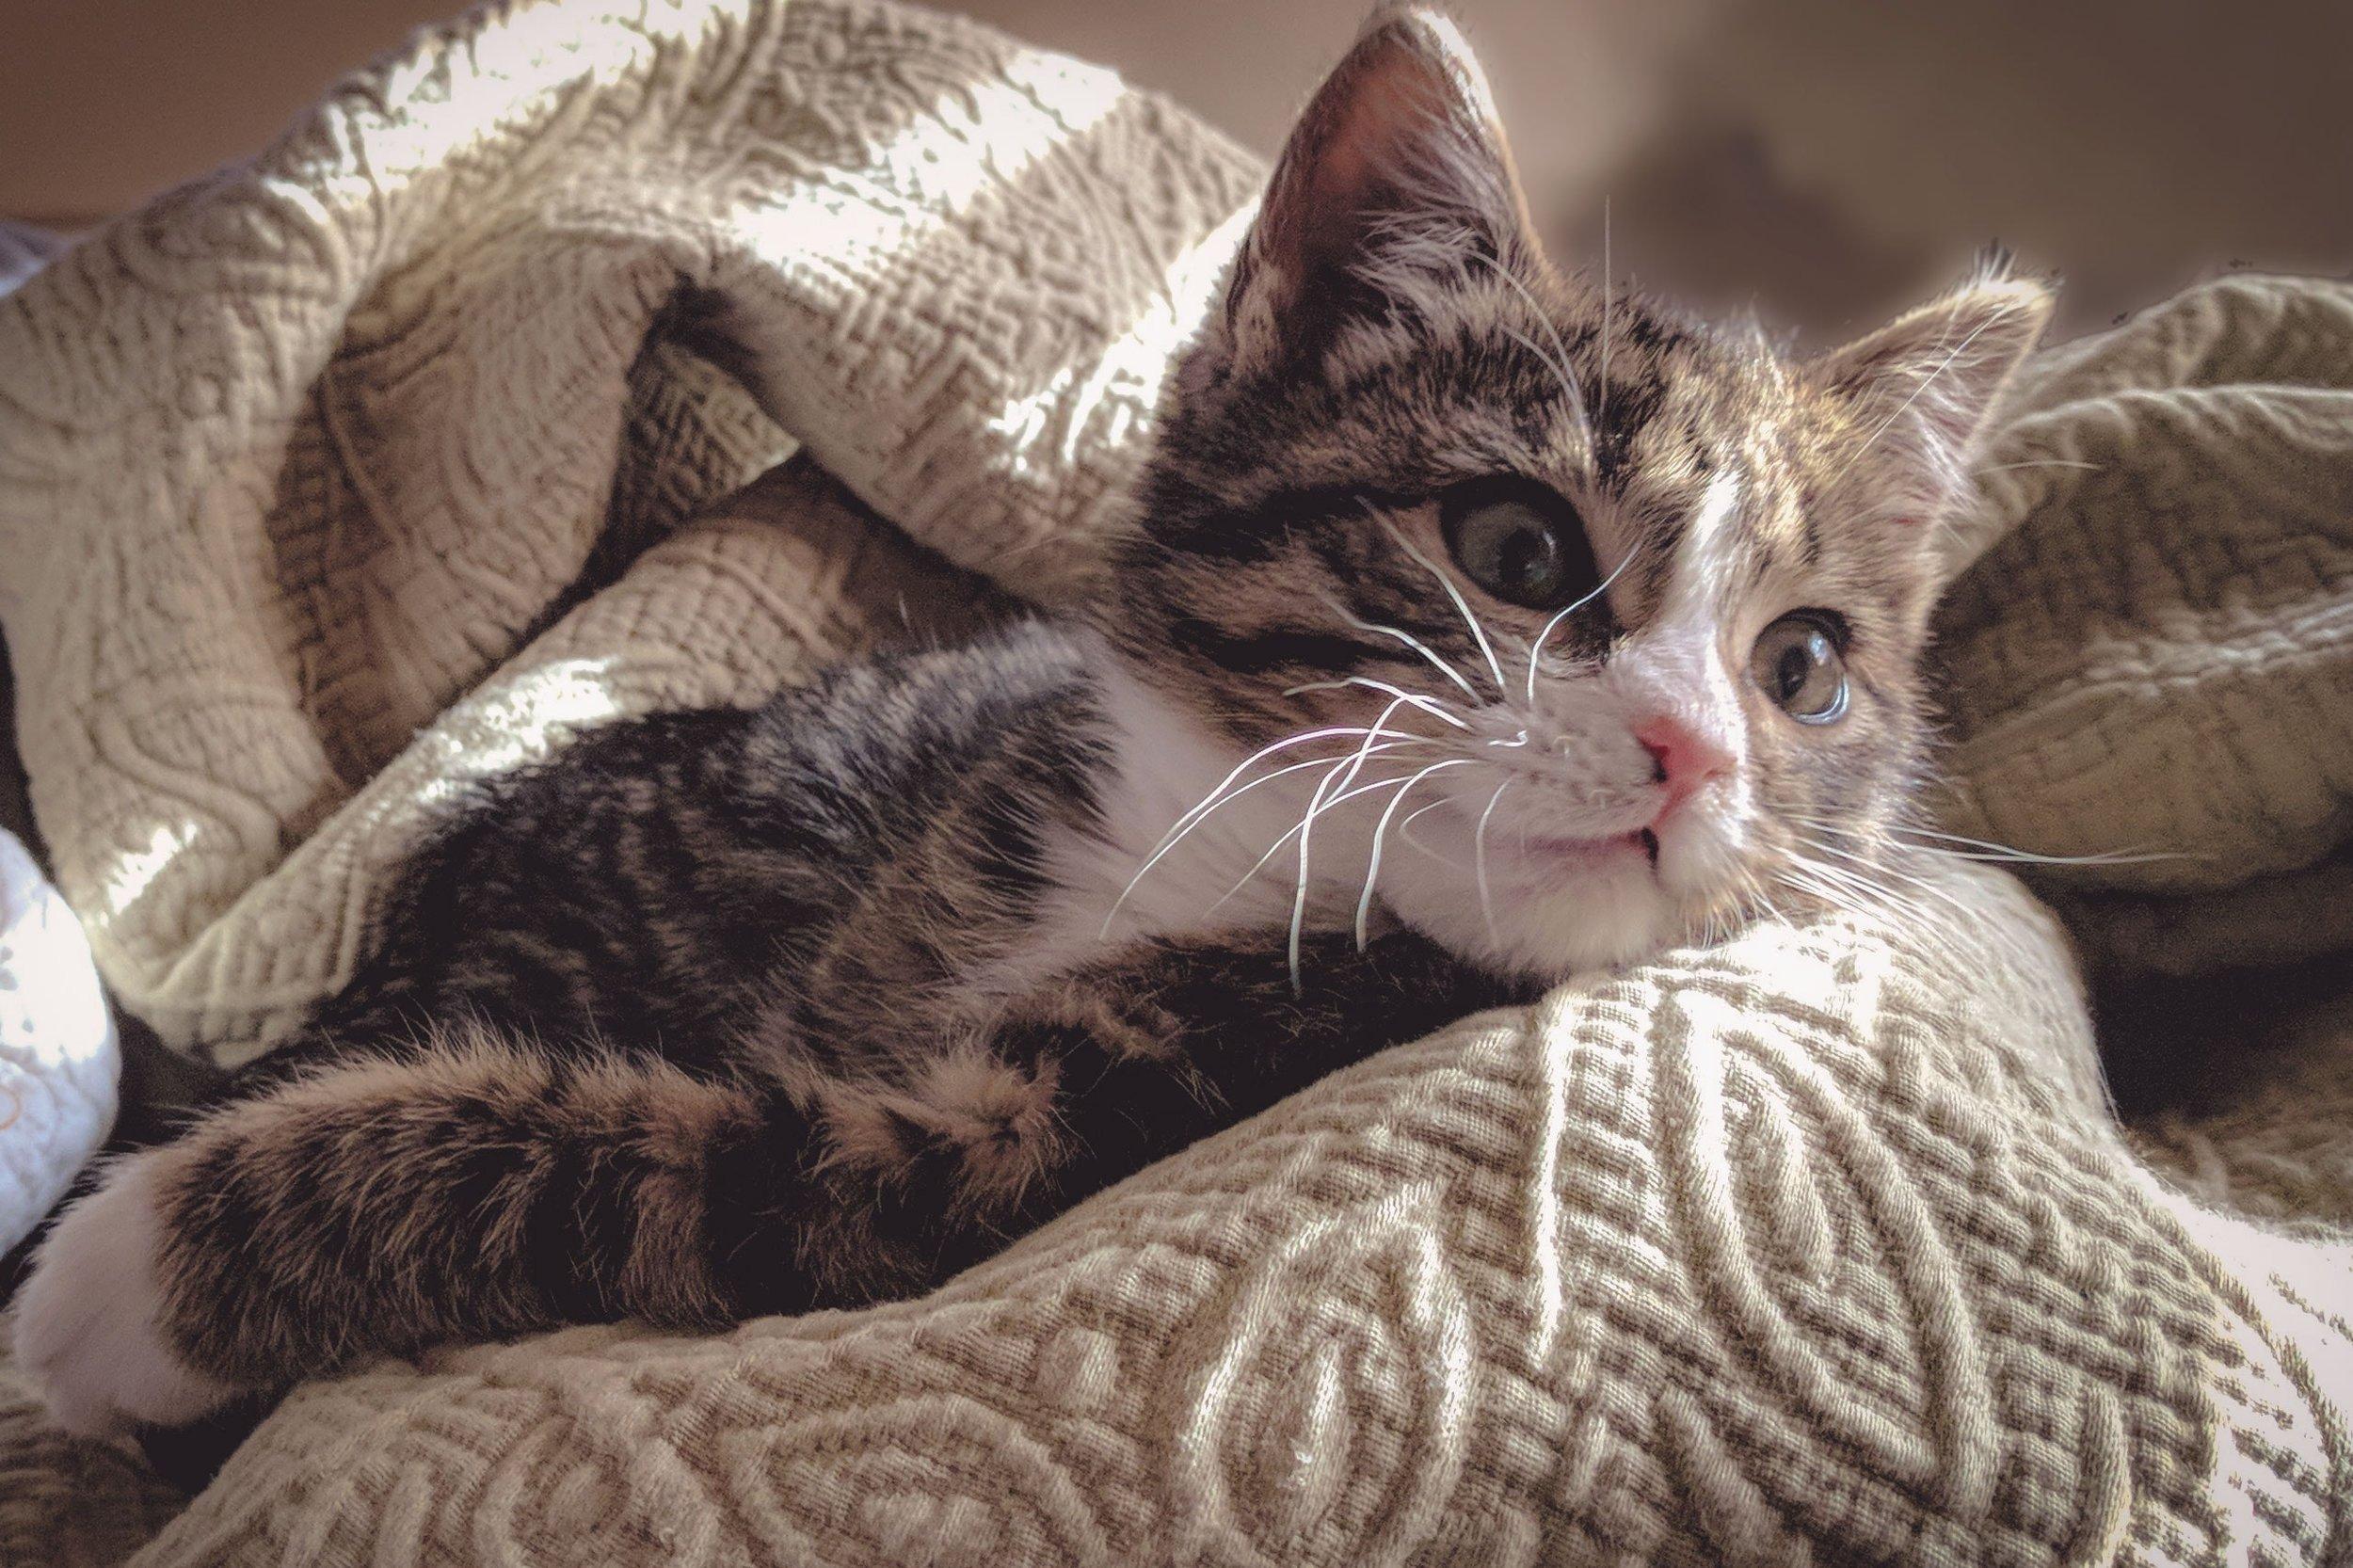 adorable-animal-baby-731553.jpg